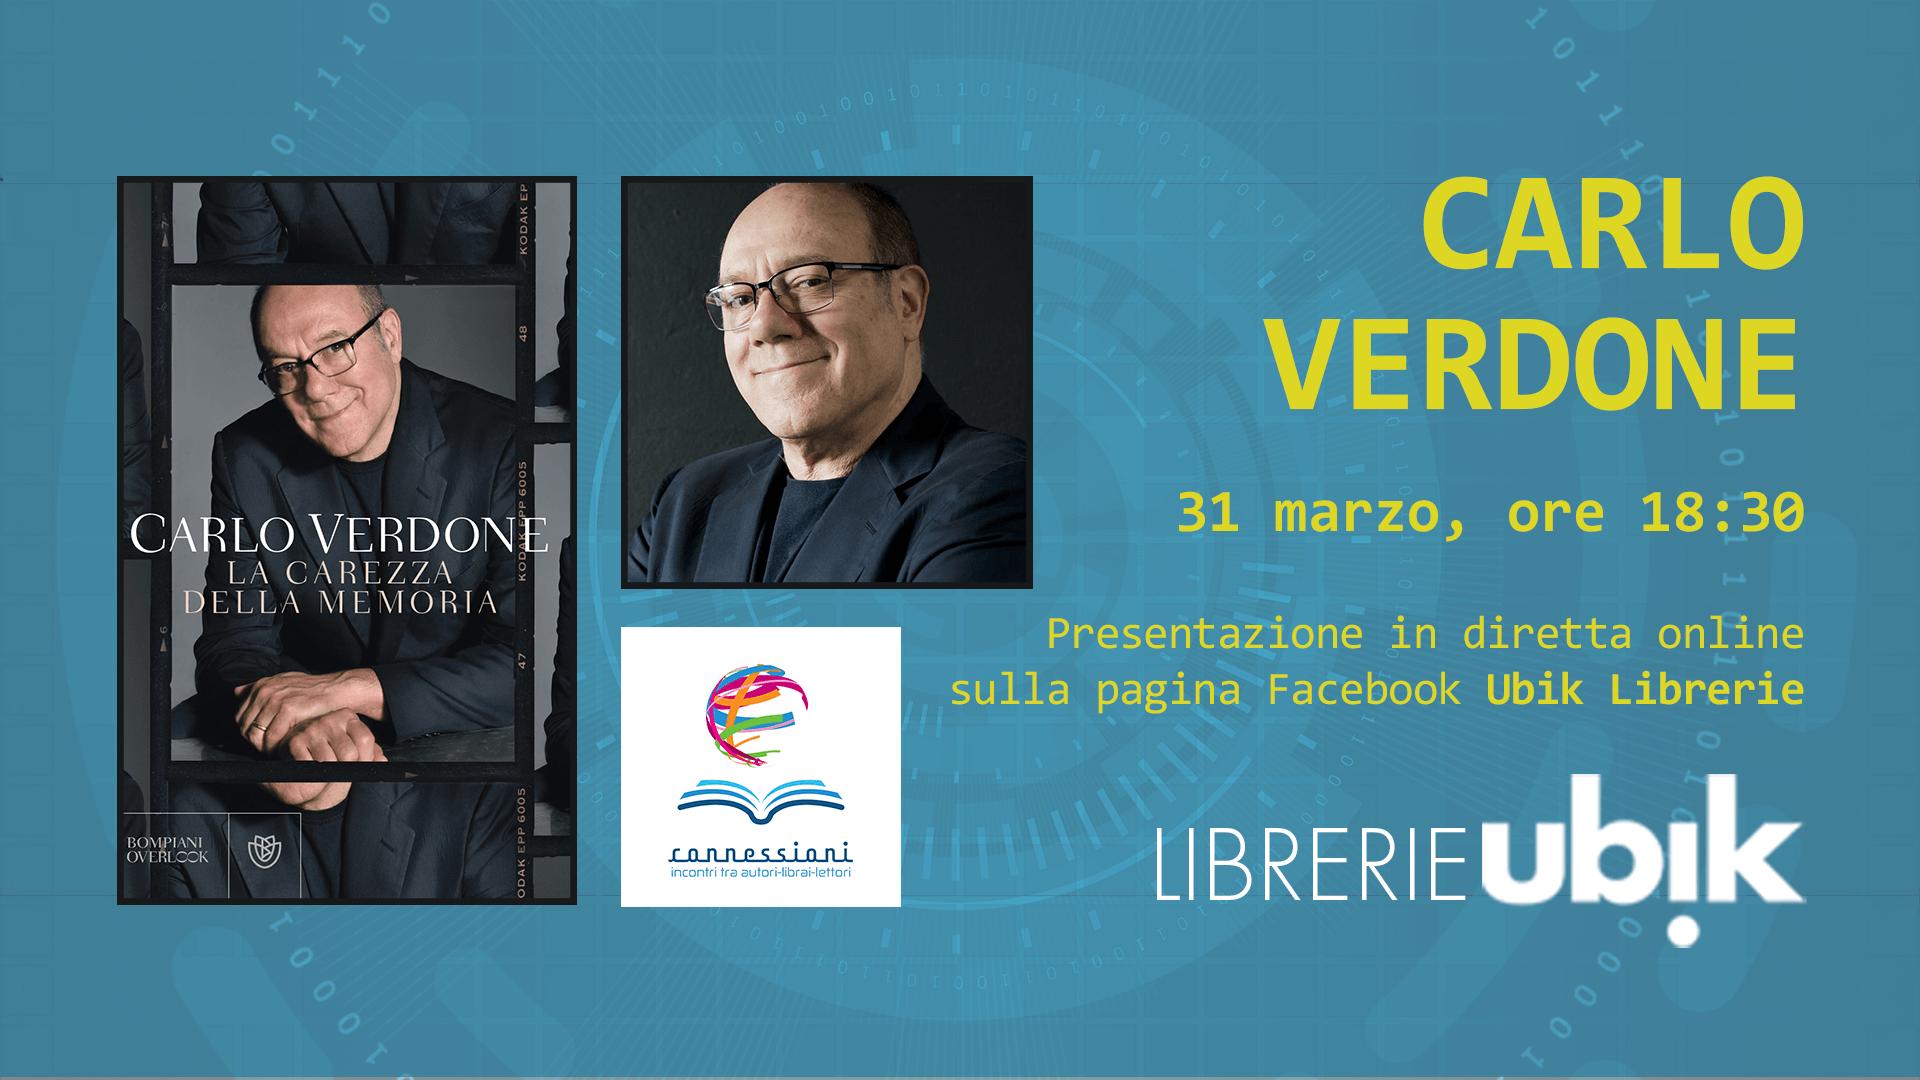 CARLO VERDONE presenta in diretta online